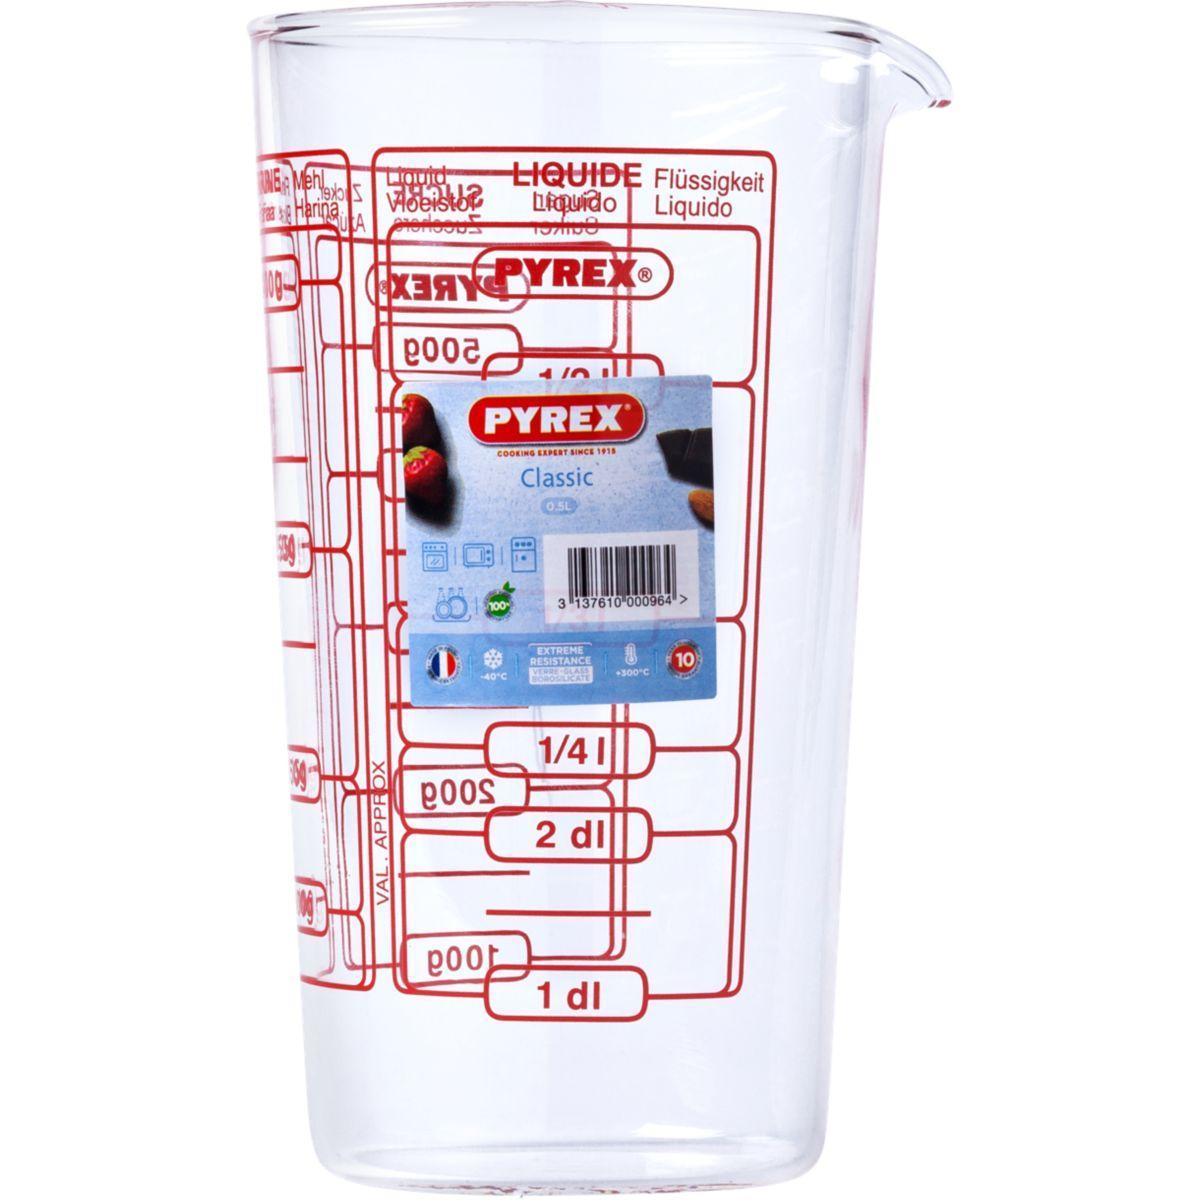 Doseur pyrex verre mesureur 0,5l - 7% de remise imm�diate avec le code : paques7 (photo)